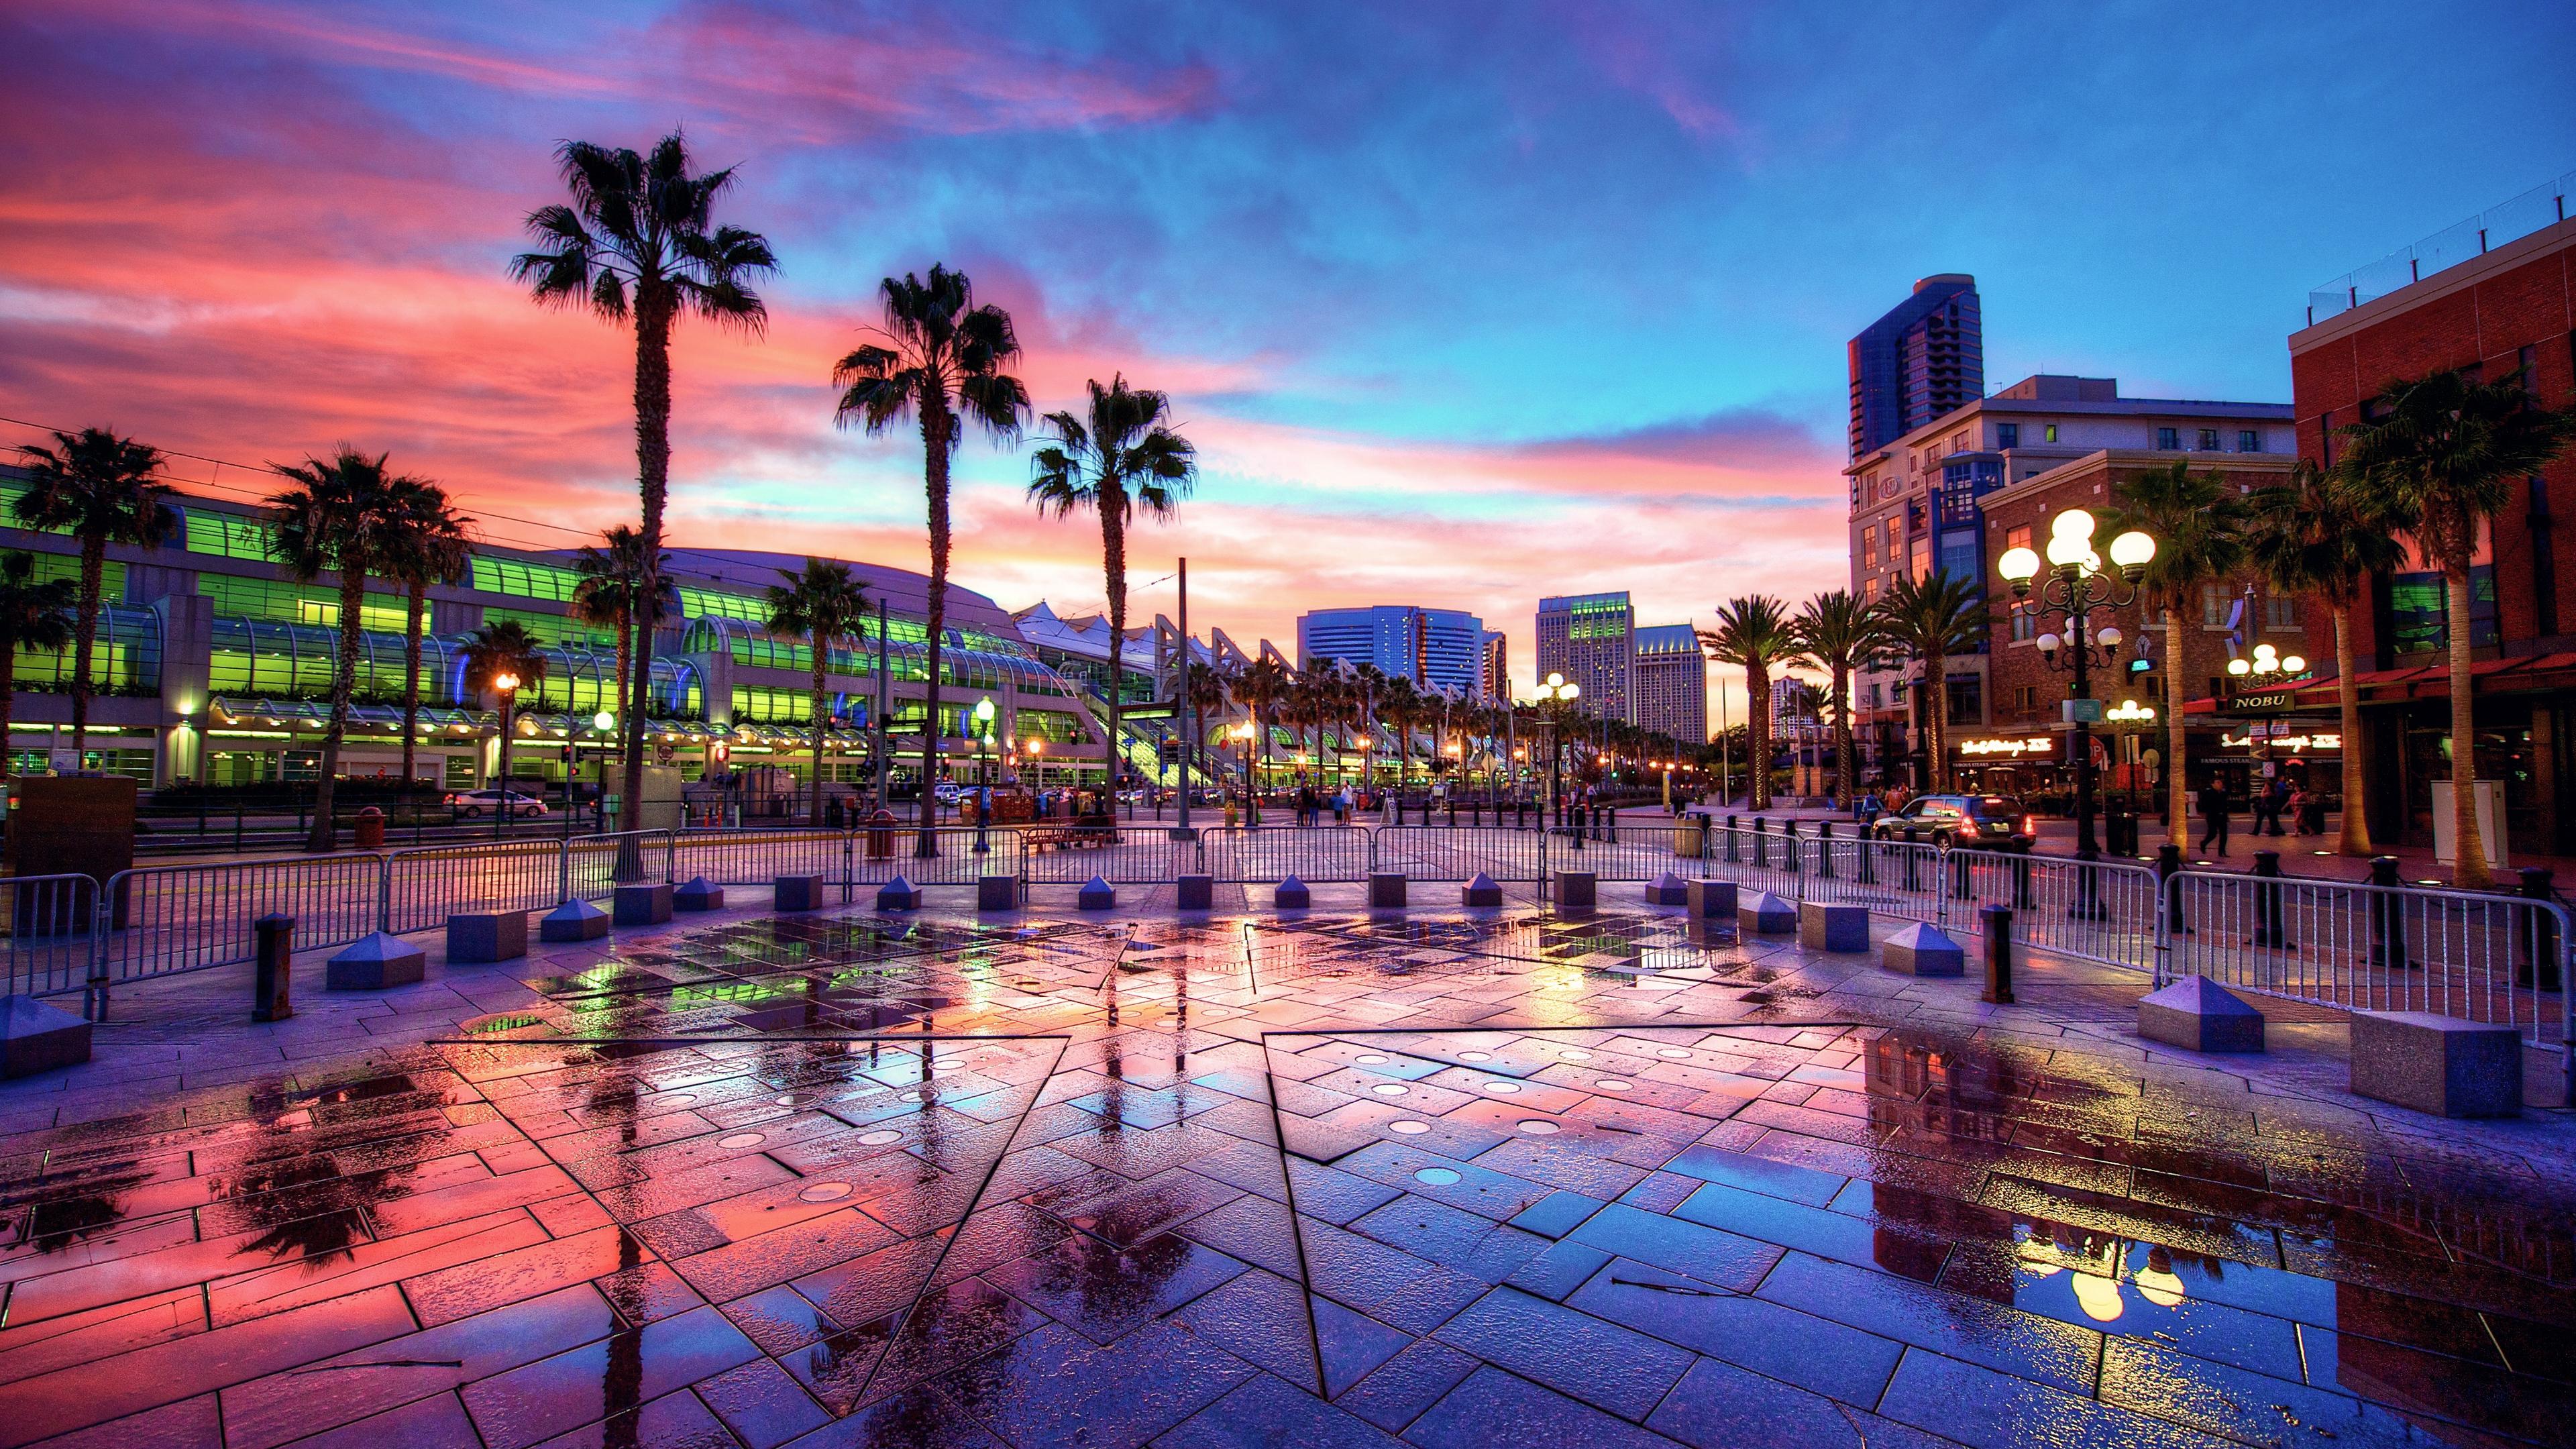 Palmeiras e áreas de estacionamento à frente de uma moderna área de compras ao pôr do sol